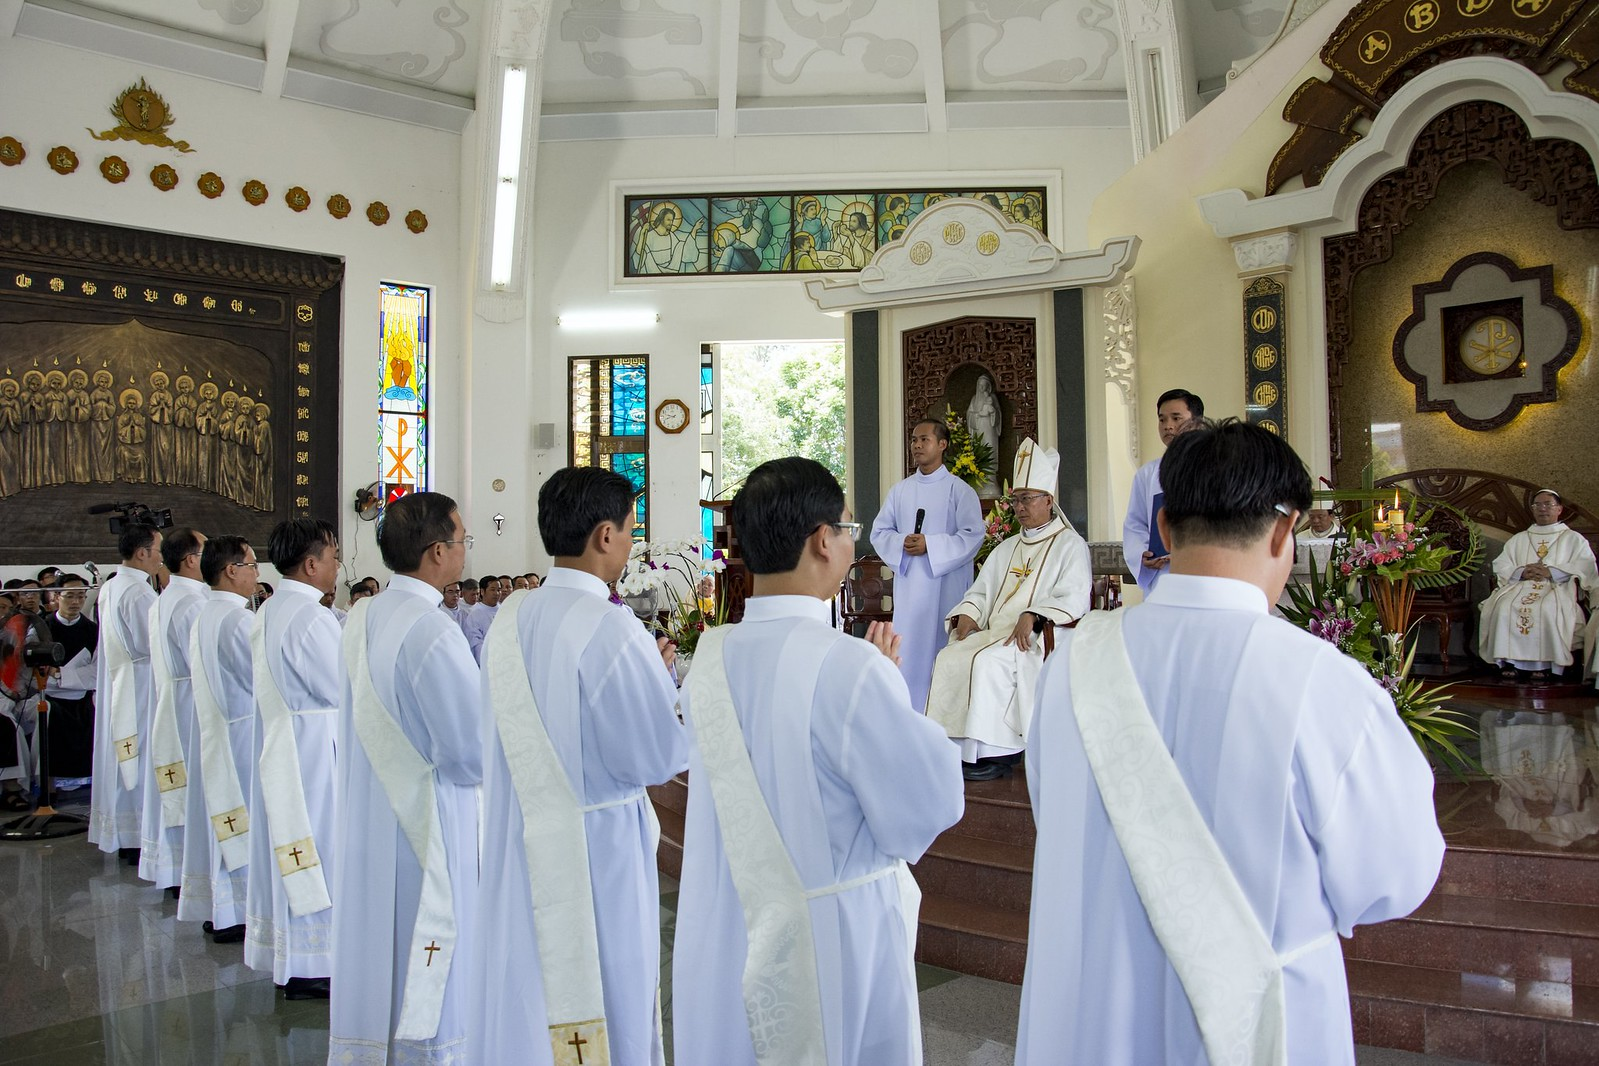 Đan Viện Thánh Mẫu Phước Sơn : Thánh Lễ Truyền Chức Linh Mục - Ảnh minh hoạ 7